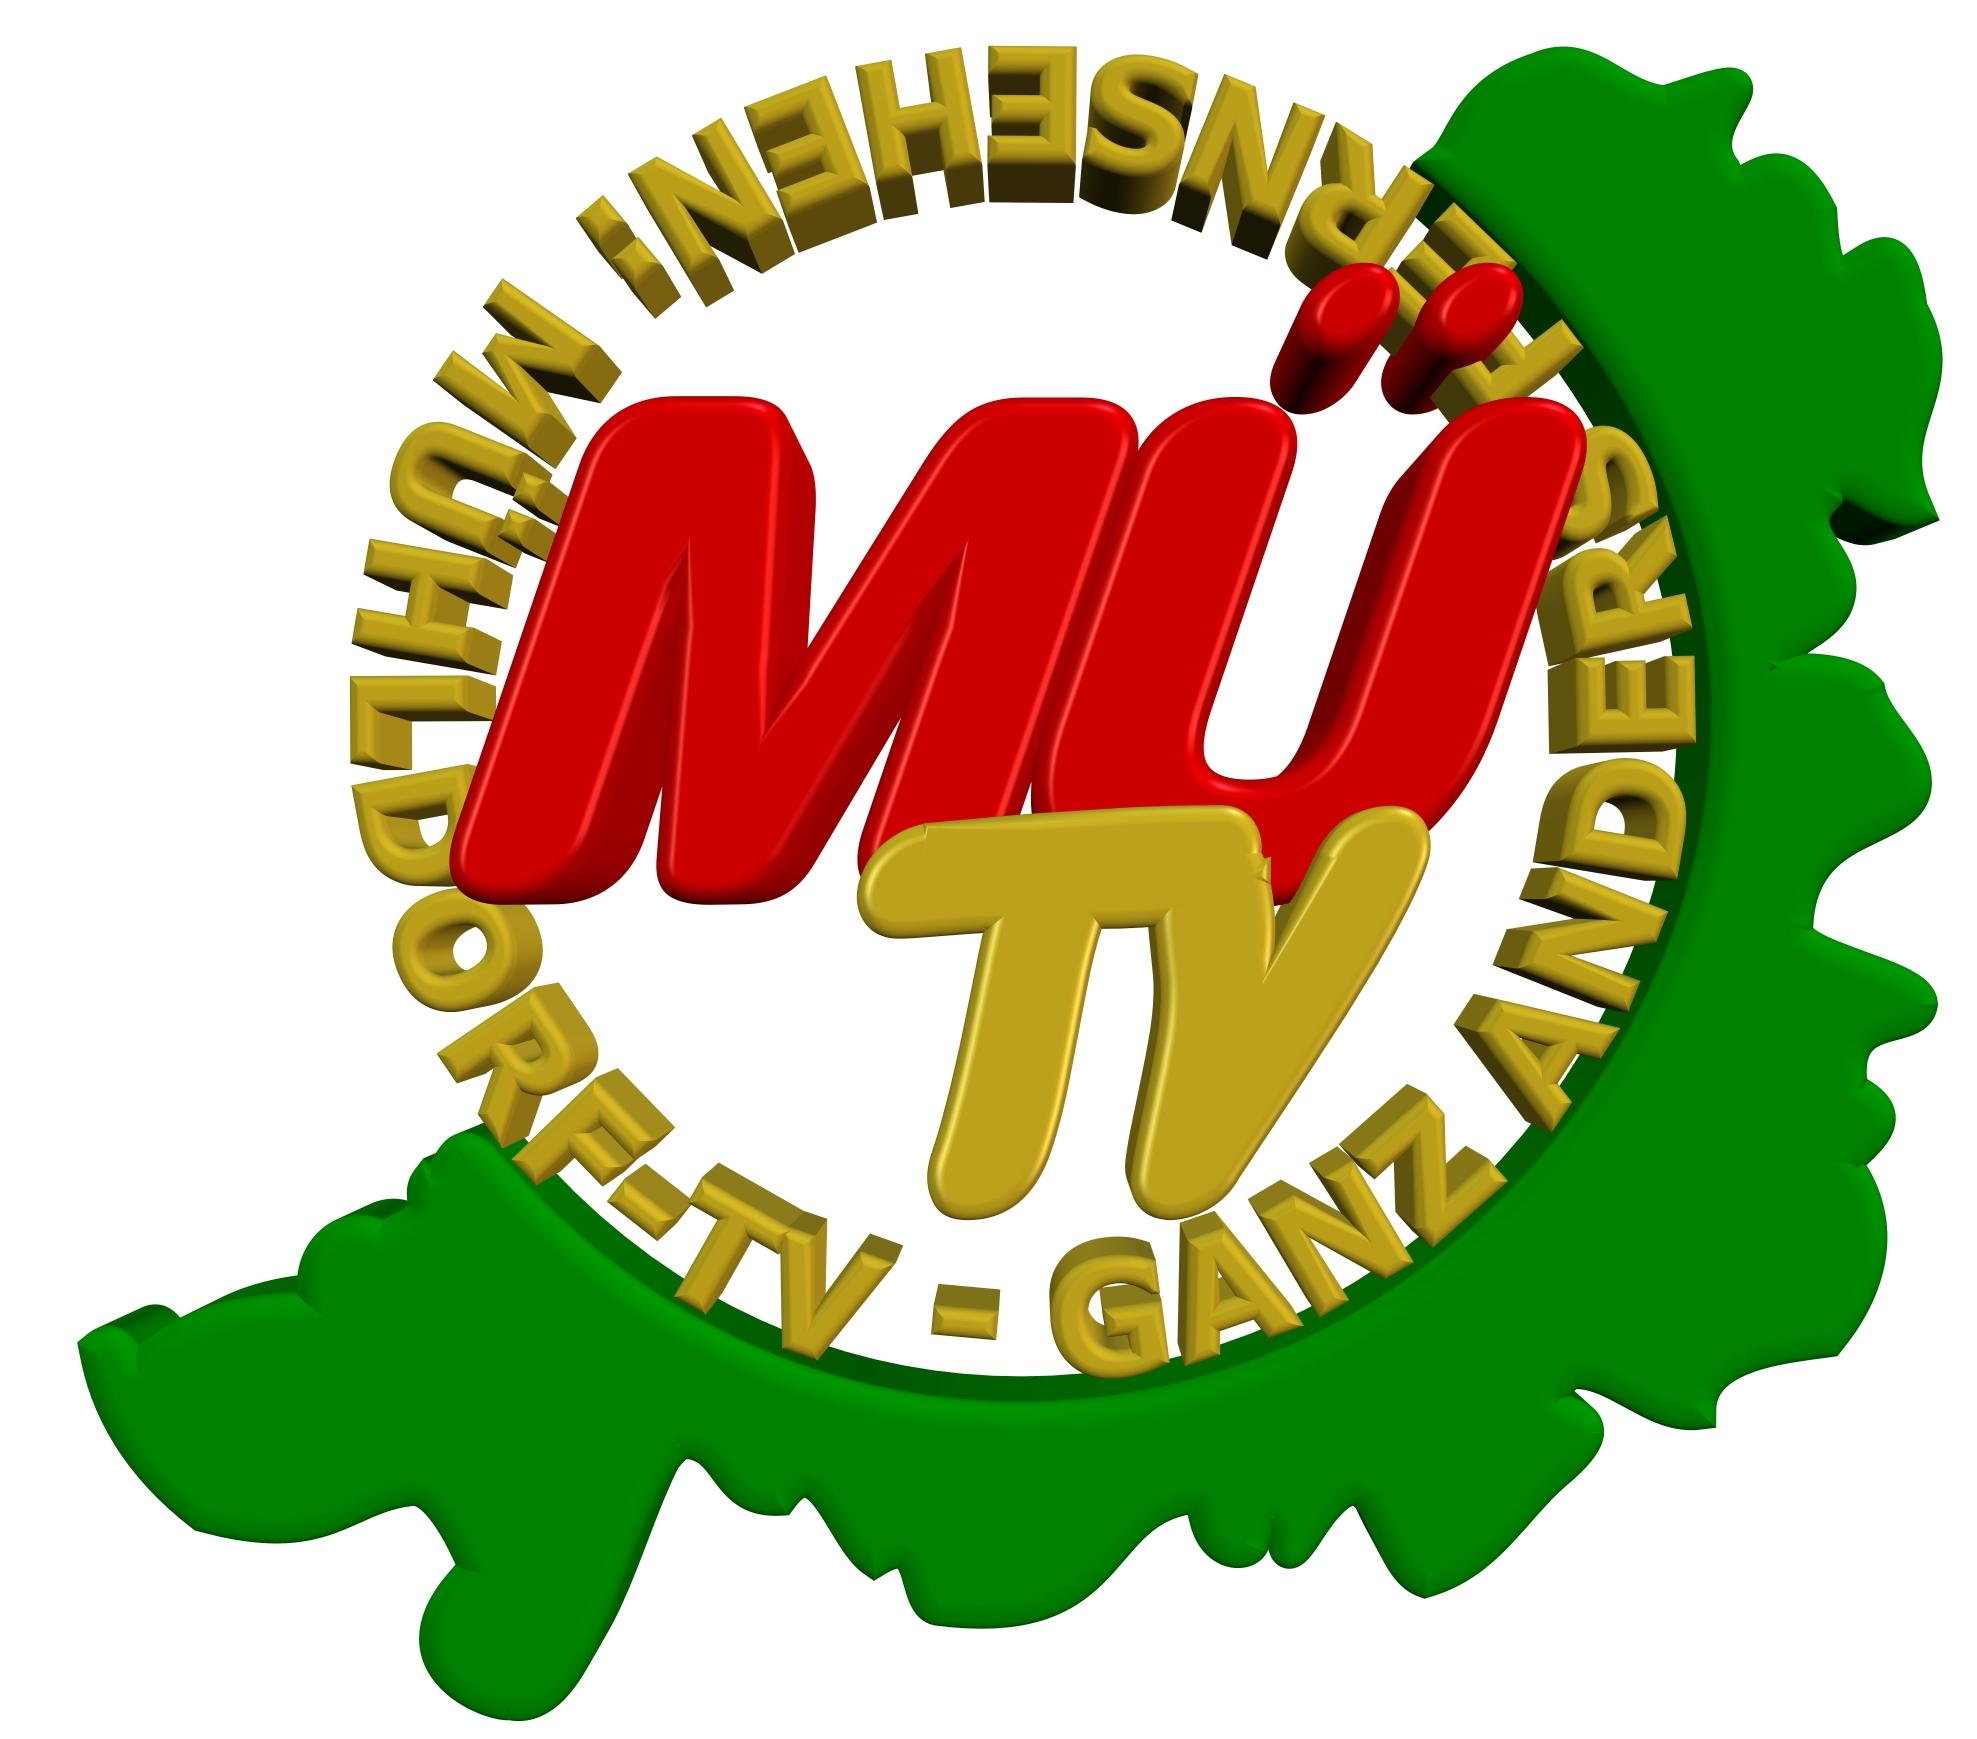 MdfTV_1210_300dpi_HGws